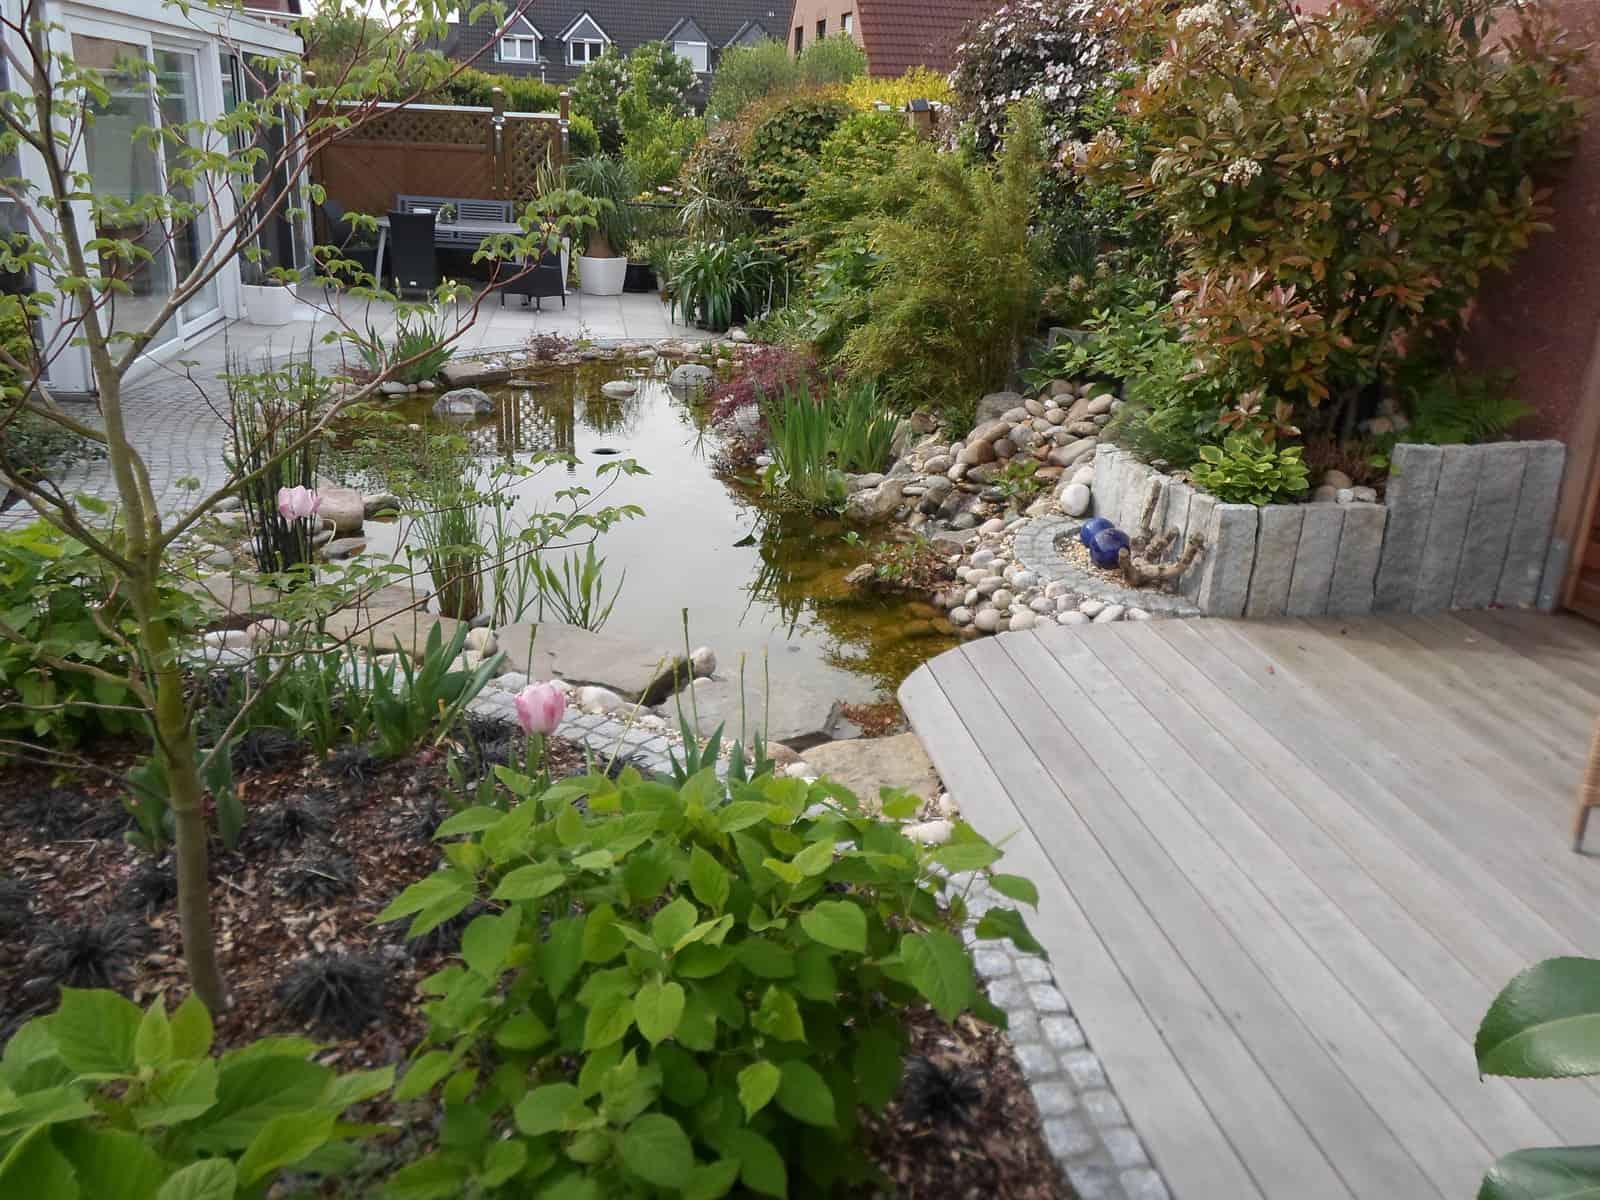 Teichanlage mit Holzterrasse und Natursteinweg und Natursteinterrasse